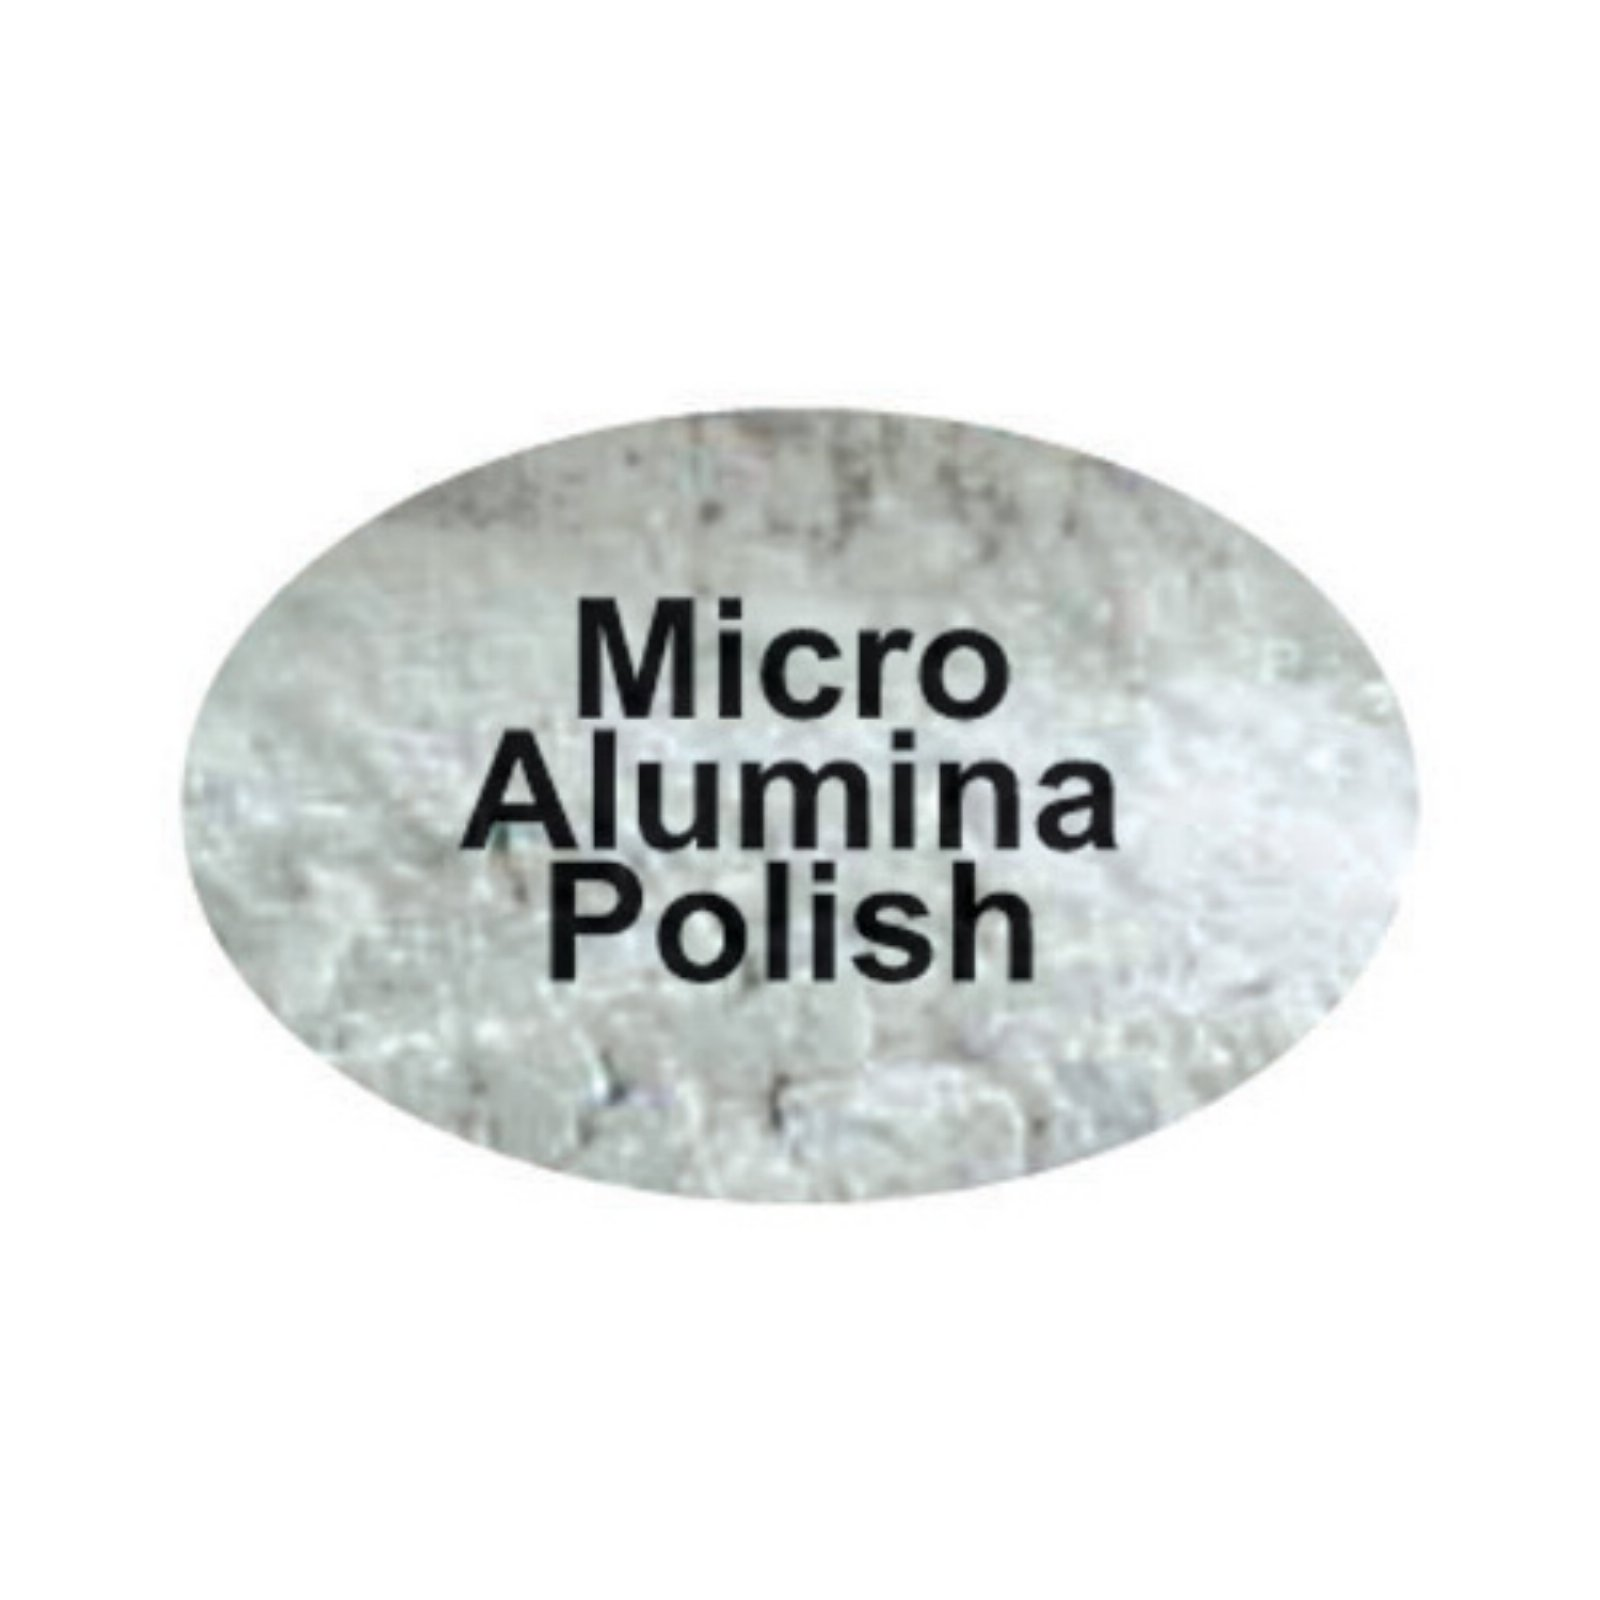 Micro Alumina Polish